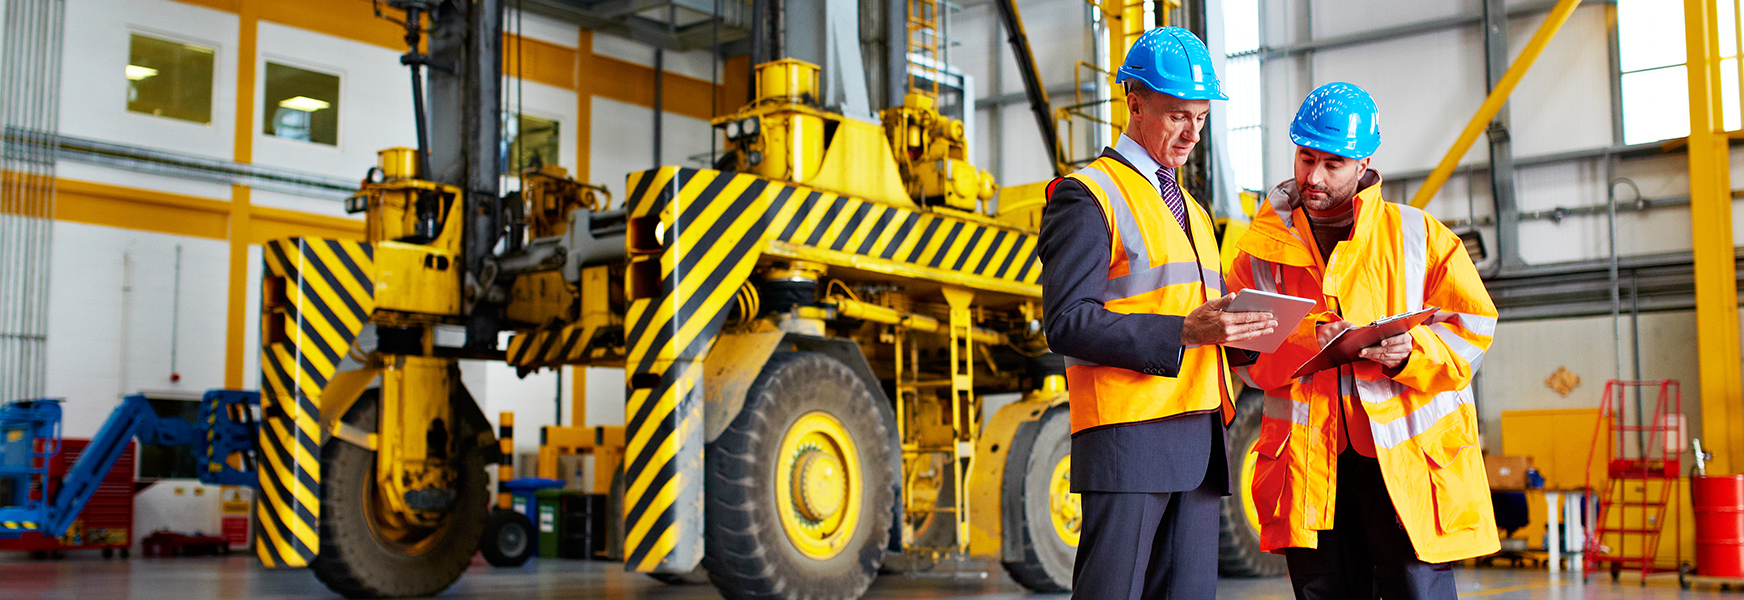 Workers conducting job hazard analysis